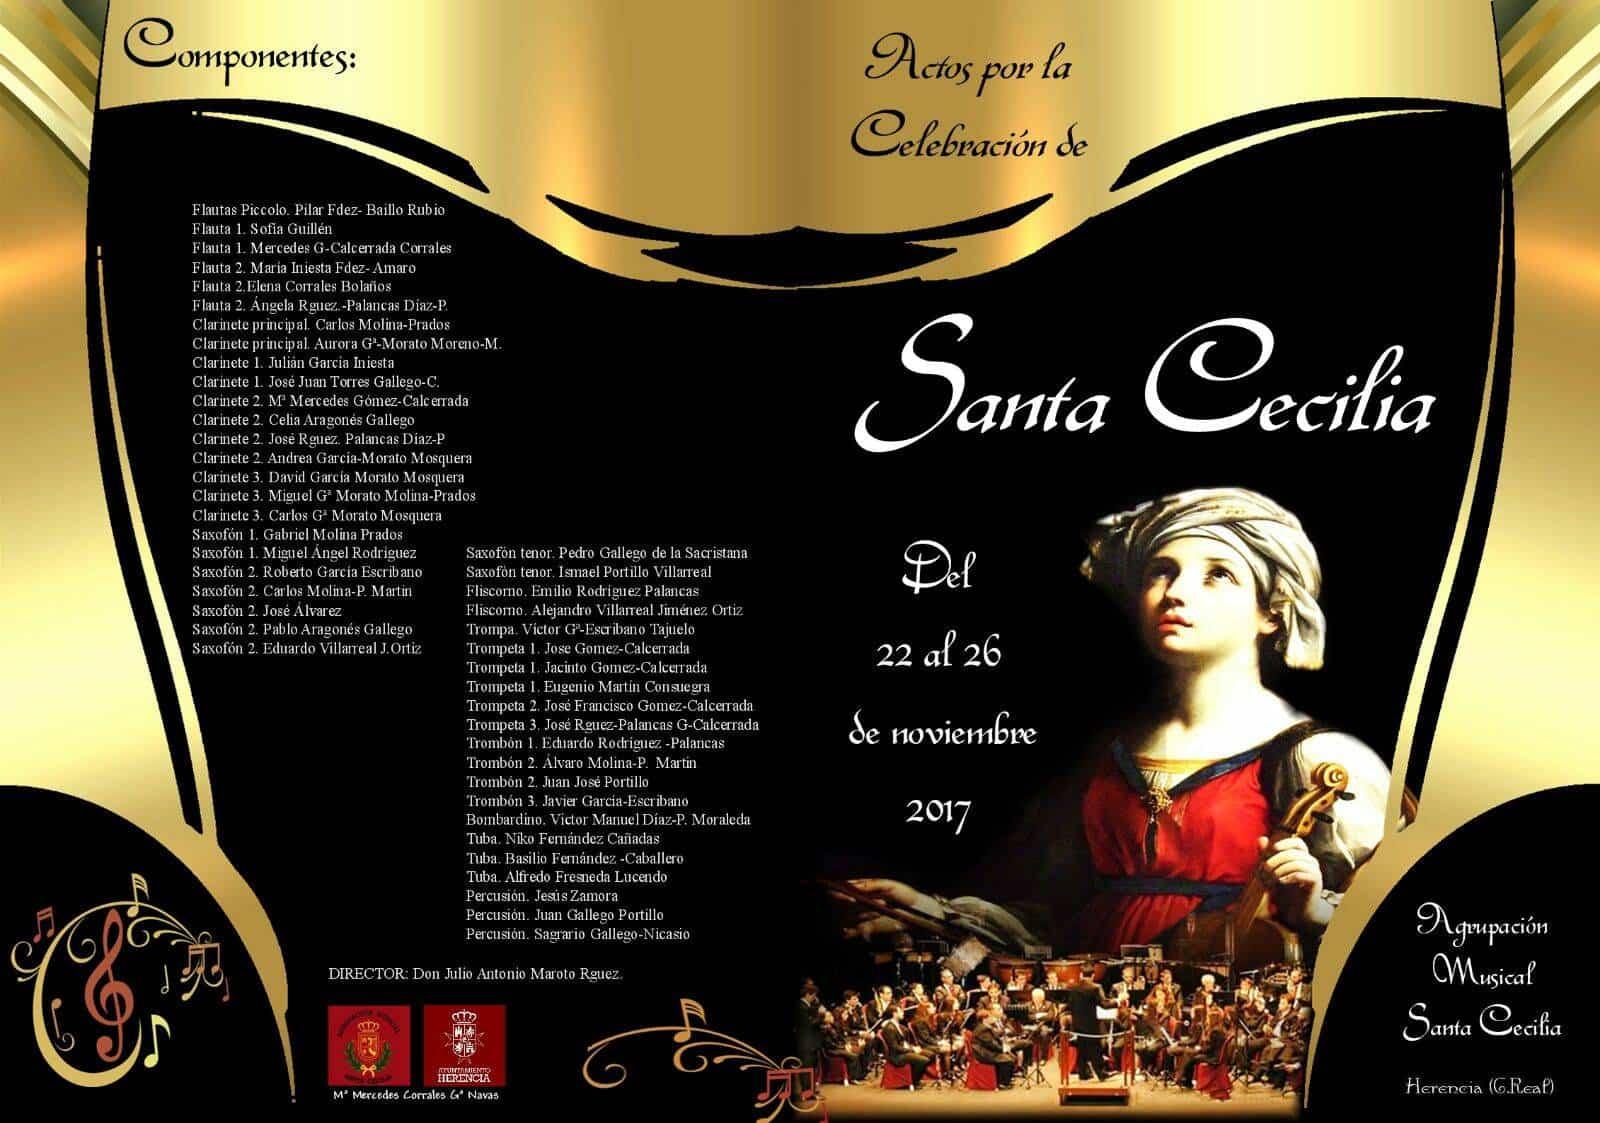 componentes de la agrupacion musical santa cecilia de herencia 2017 - Actos de la Banda de Música en homenaje a Santa Cecilia